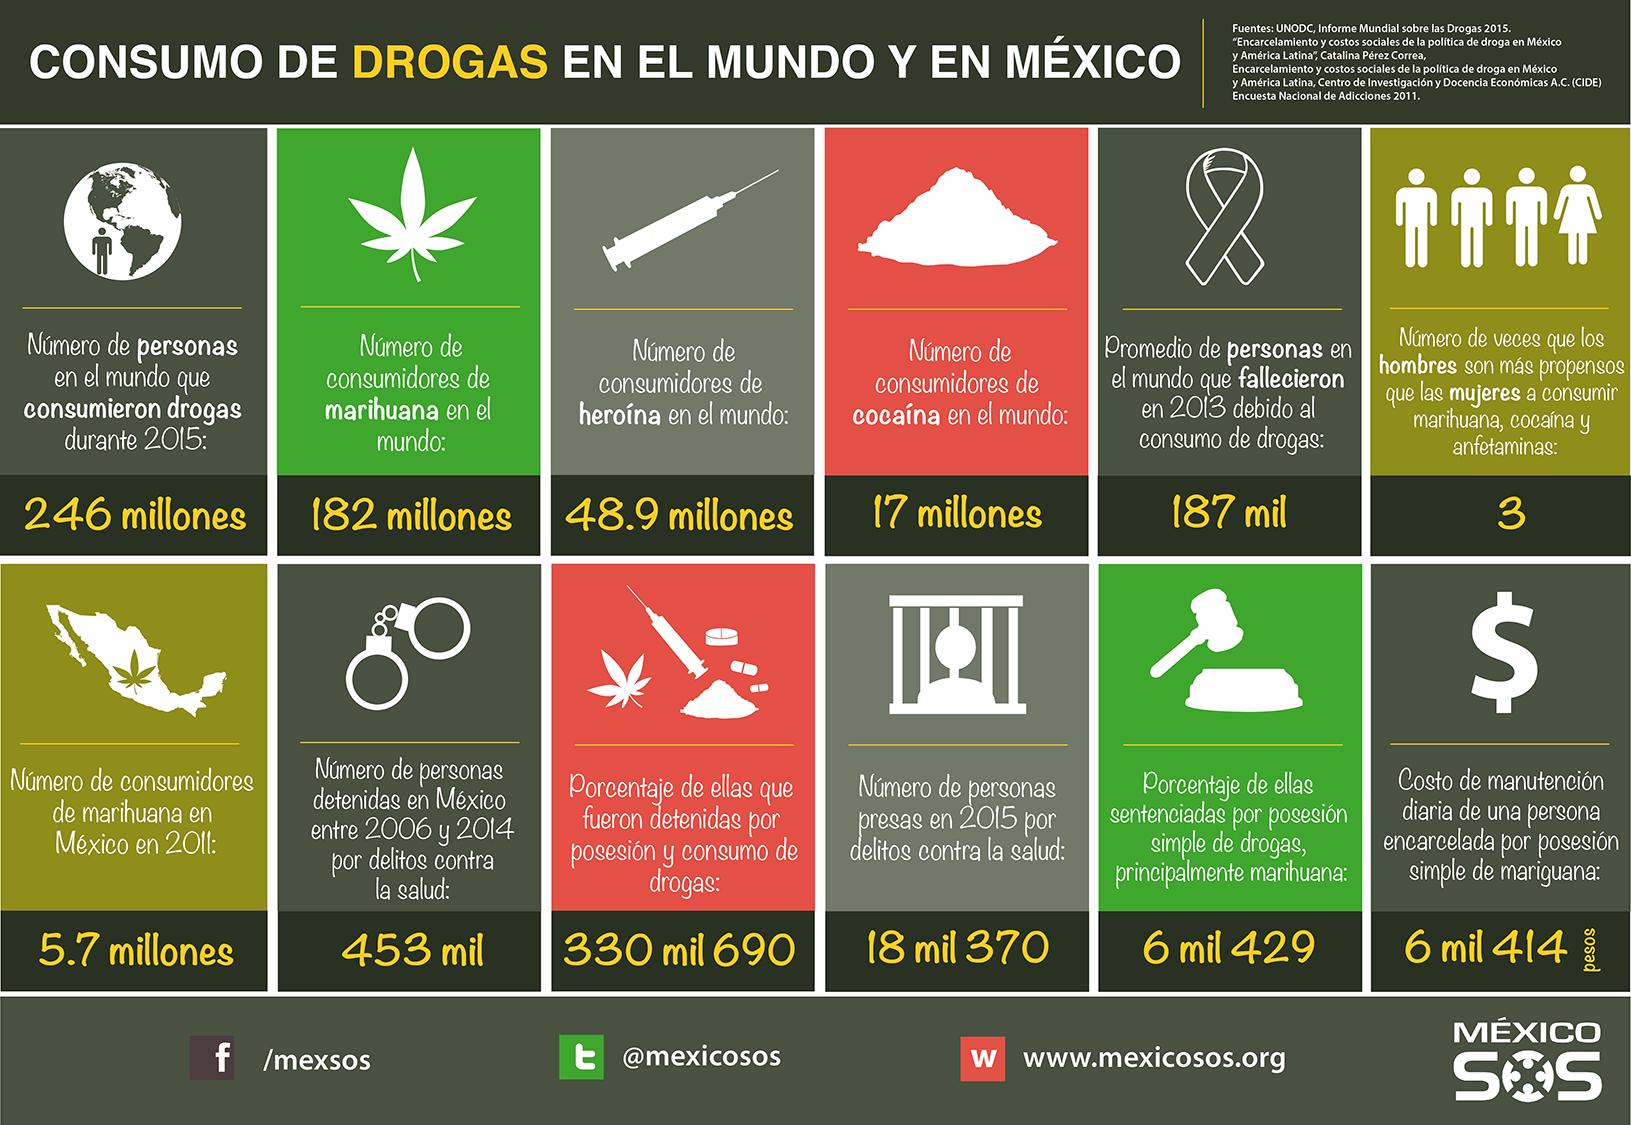 Consumo de drogas en el mundo y en México